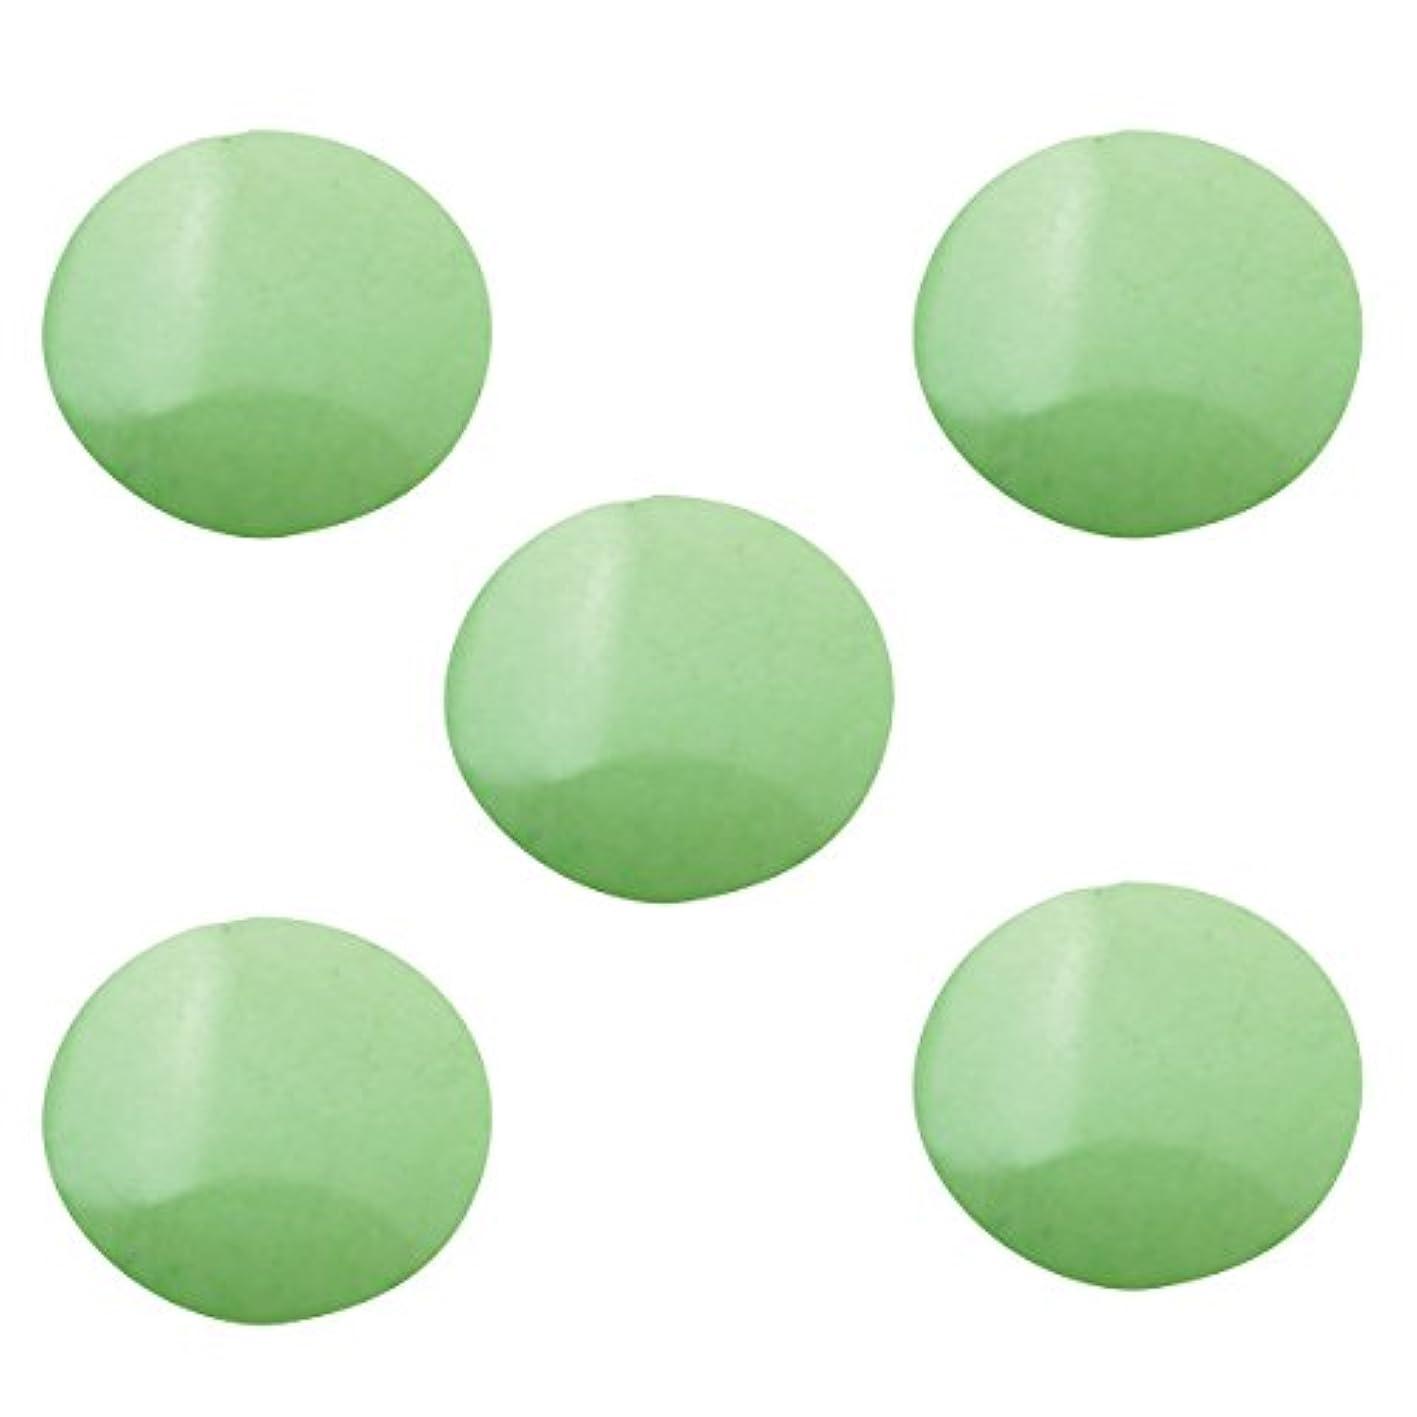 ポンプ文字除外するパステルスタッズ ラウンド 3mm (100個入り) グリーン